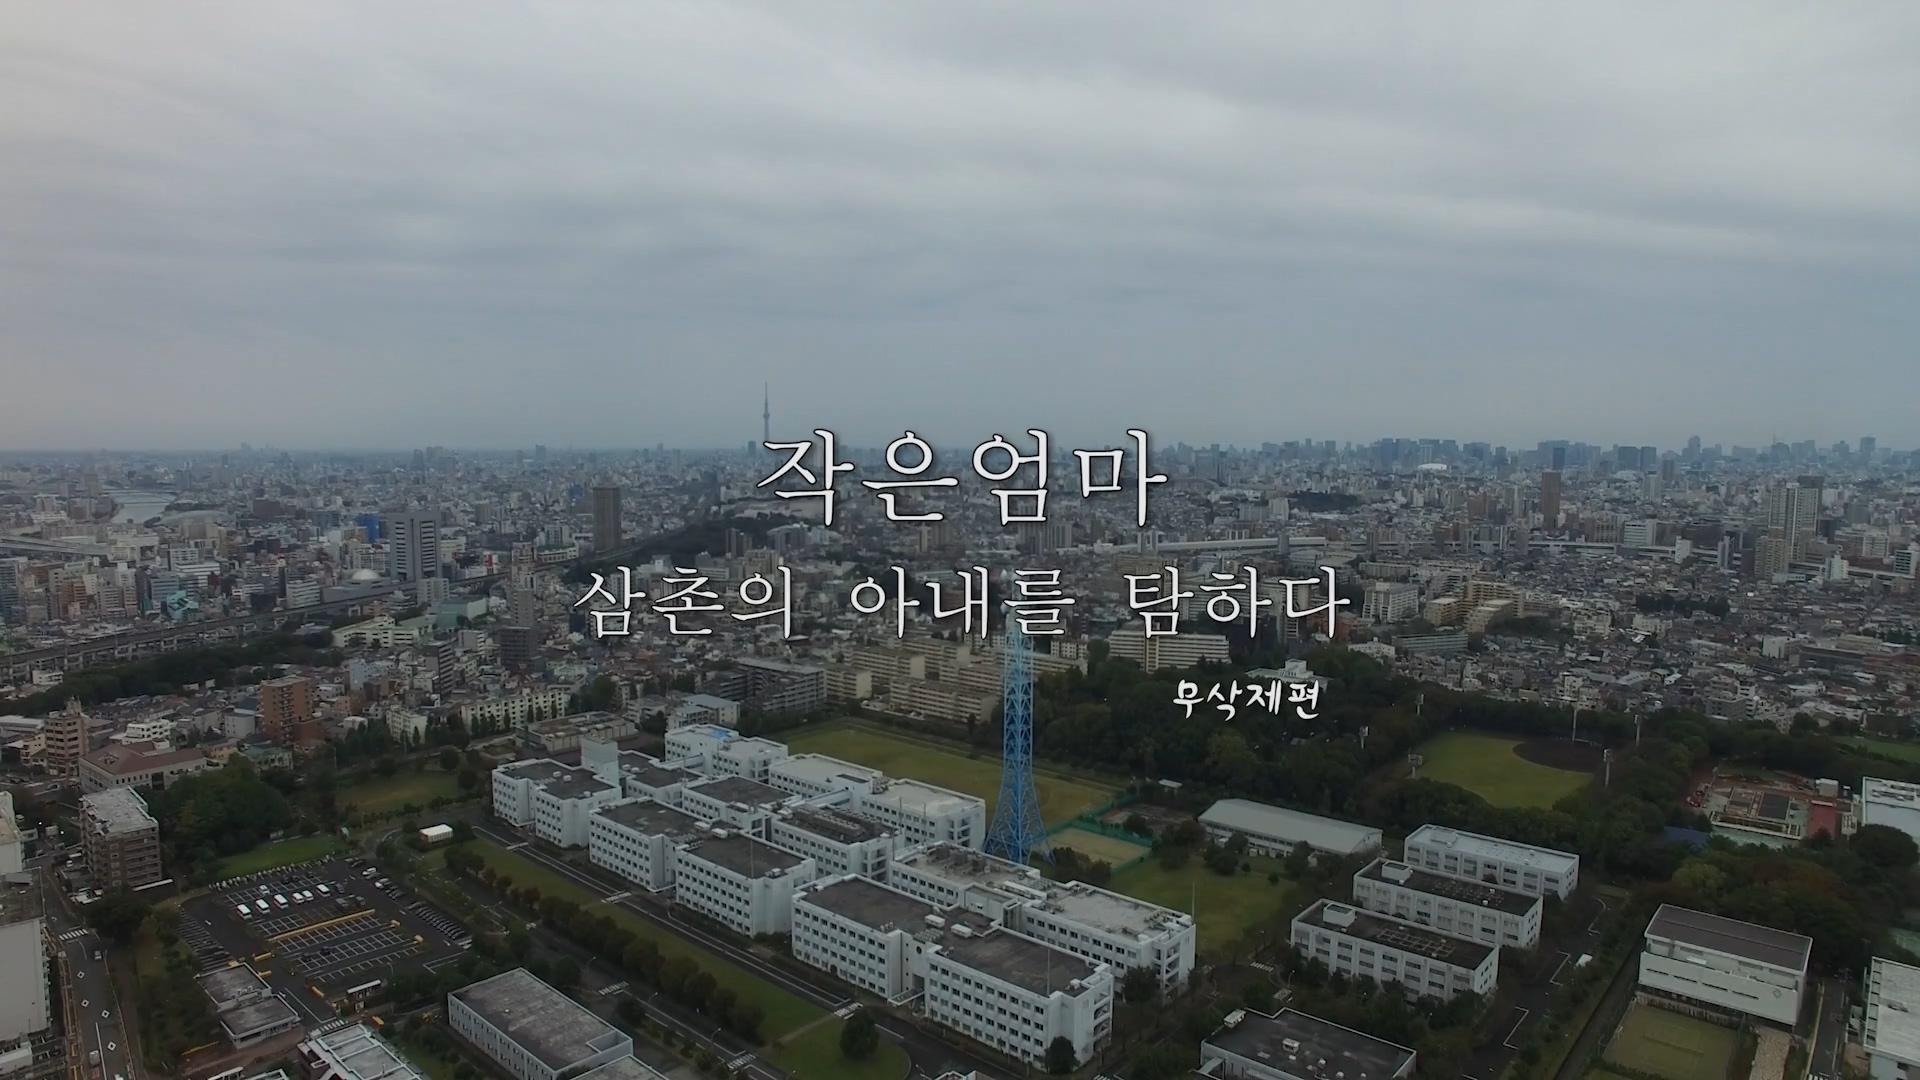 悠悠MP4_MP4电影下载_[性福路上][韩国拍的日本肉肉电影][WEB-MKV/2.14G][1080P][日语中繁]